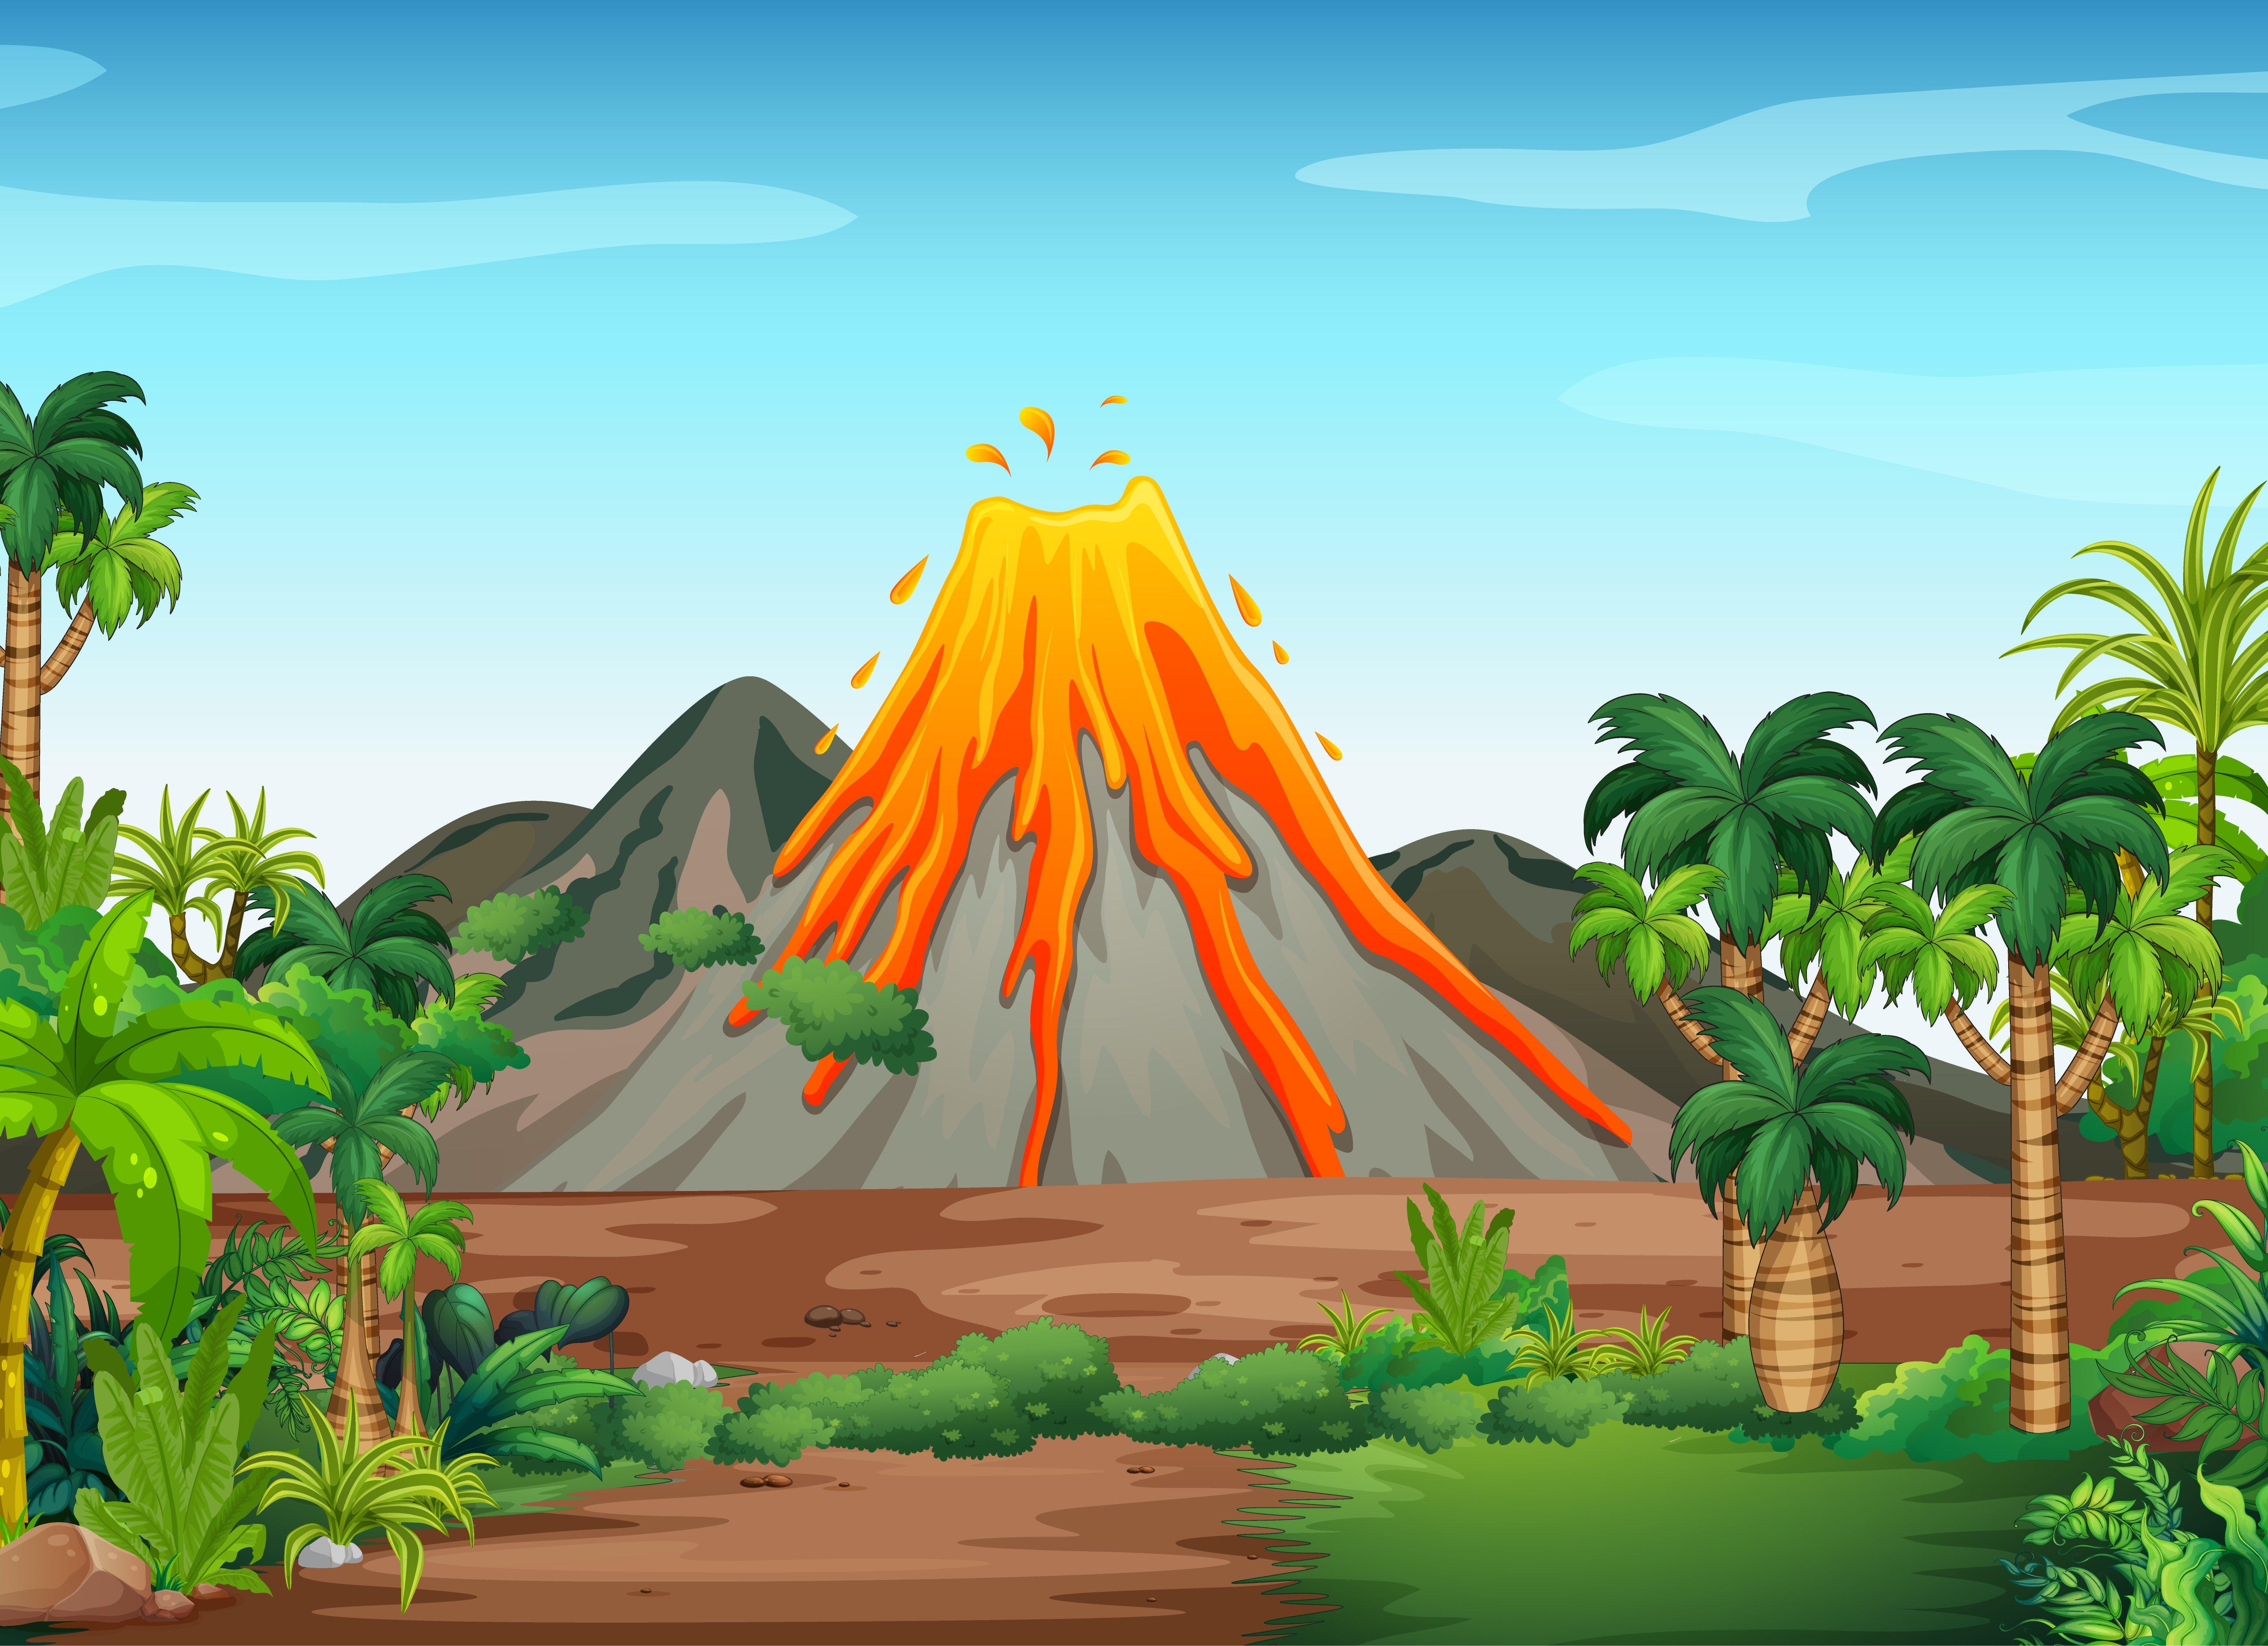 Volcanic eruption outdoor scene background 1482193 Vector Art at 5534x4016